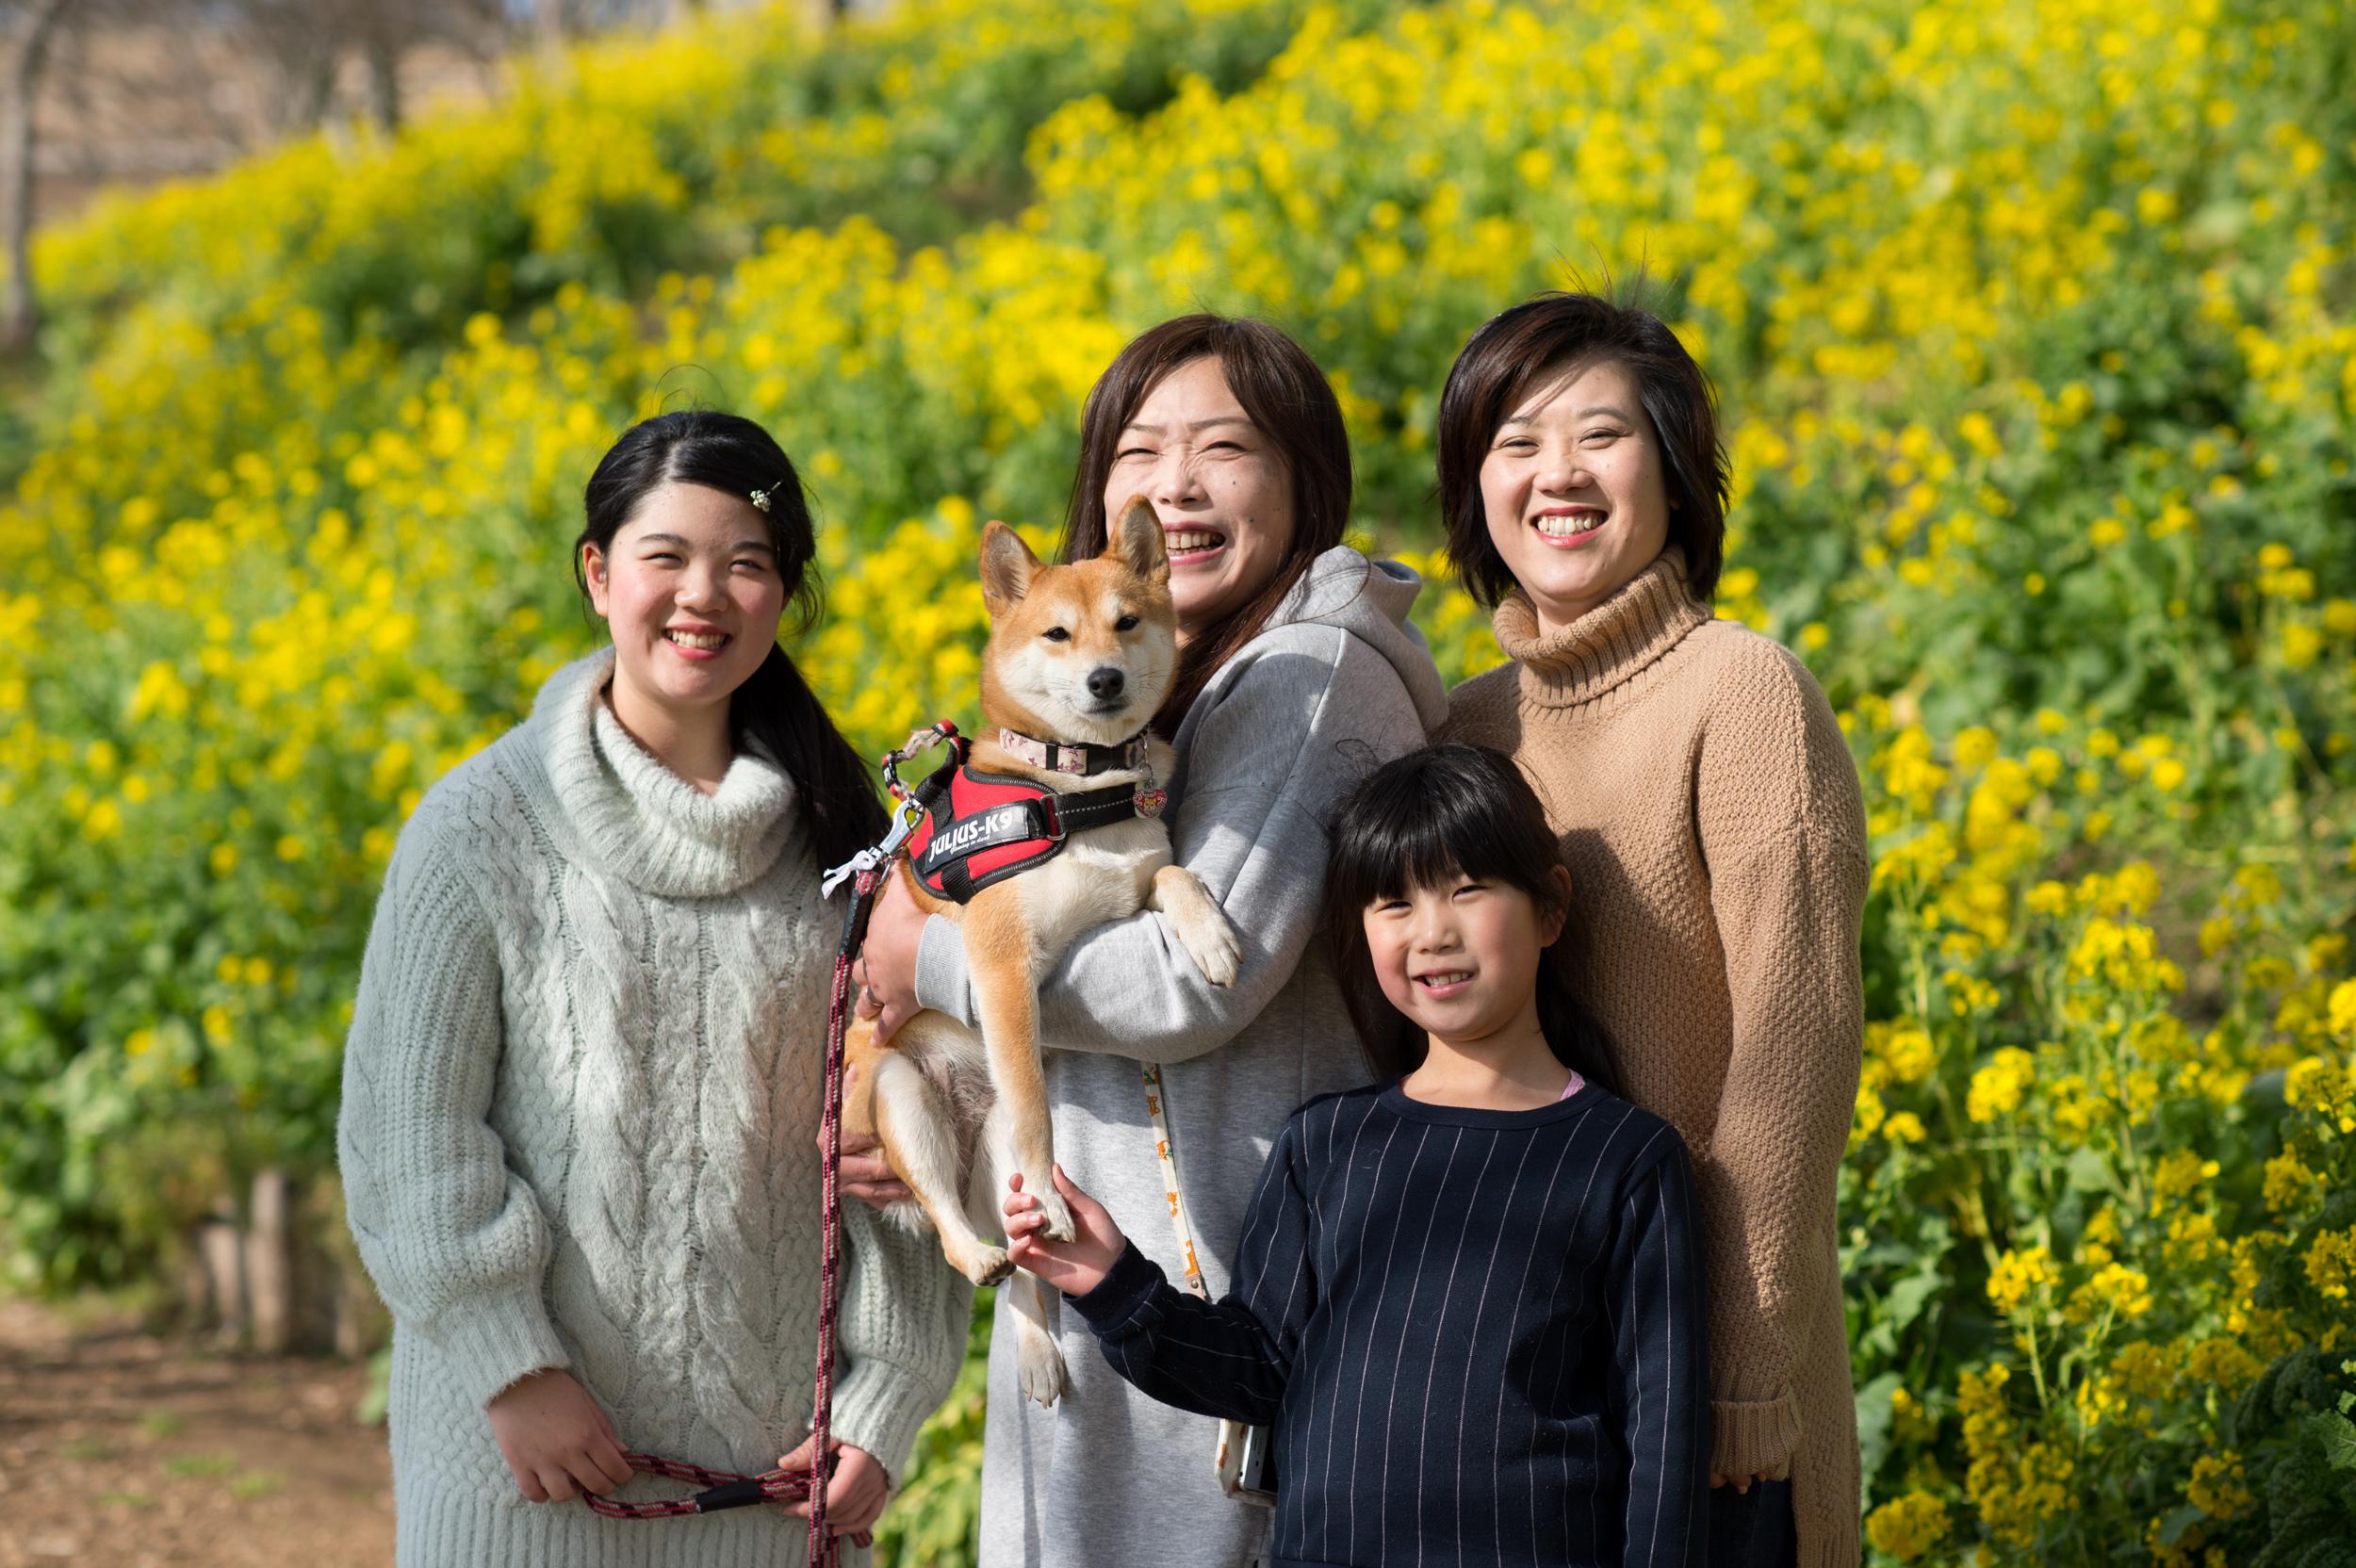 愛犬と楽しめる【マザー牧場】この時期のおすすめは、黄色の菜の花♡ 撮影会密着レポートをお届け♪